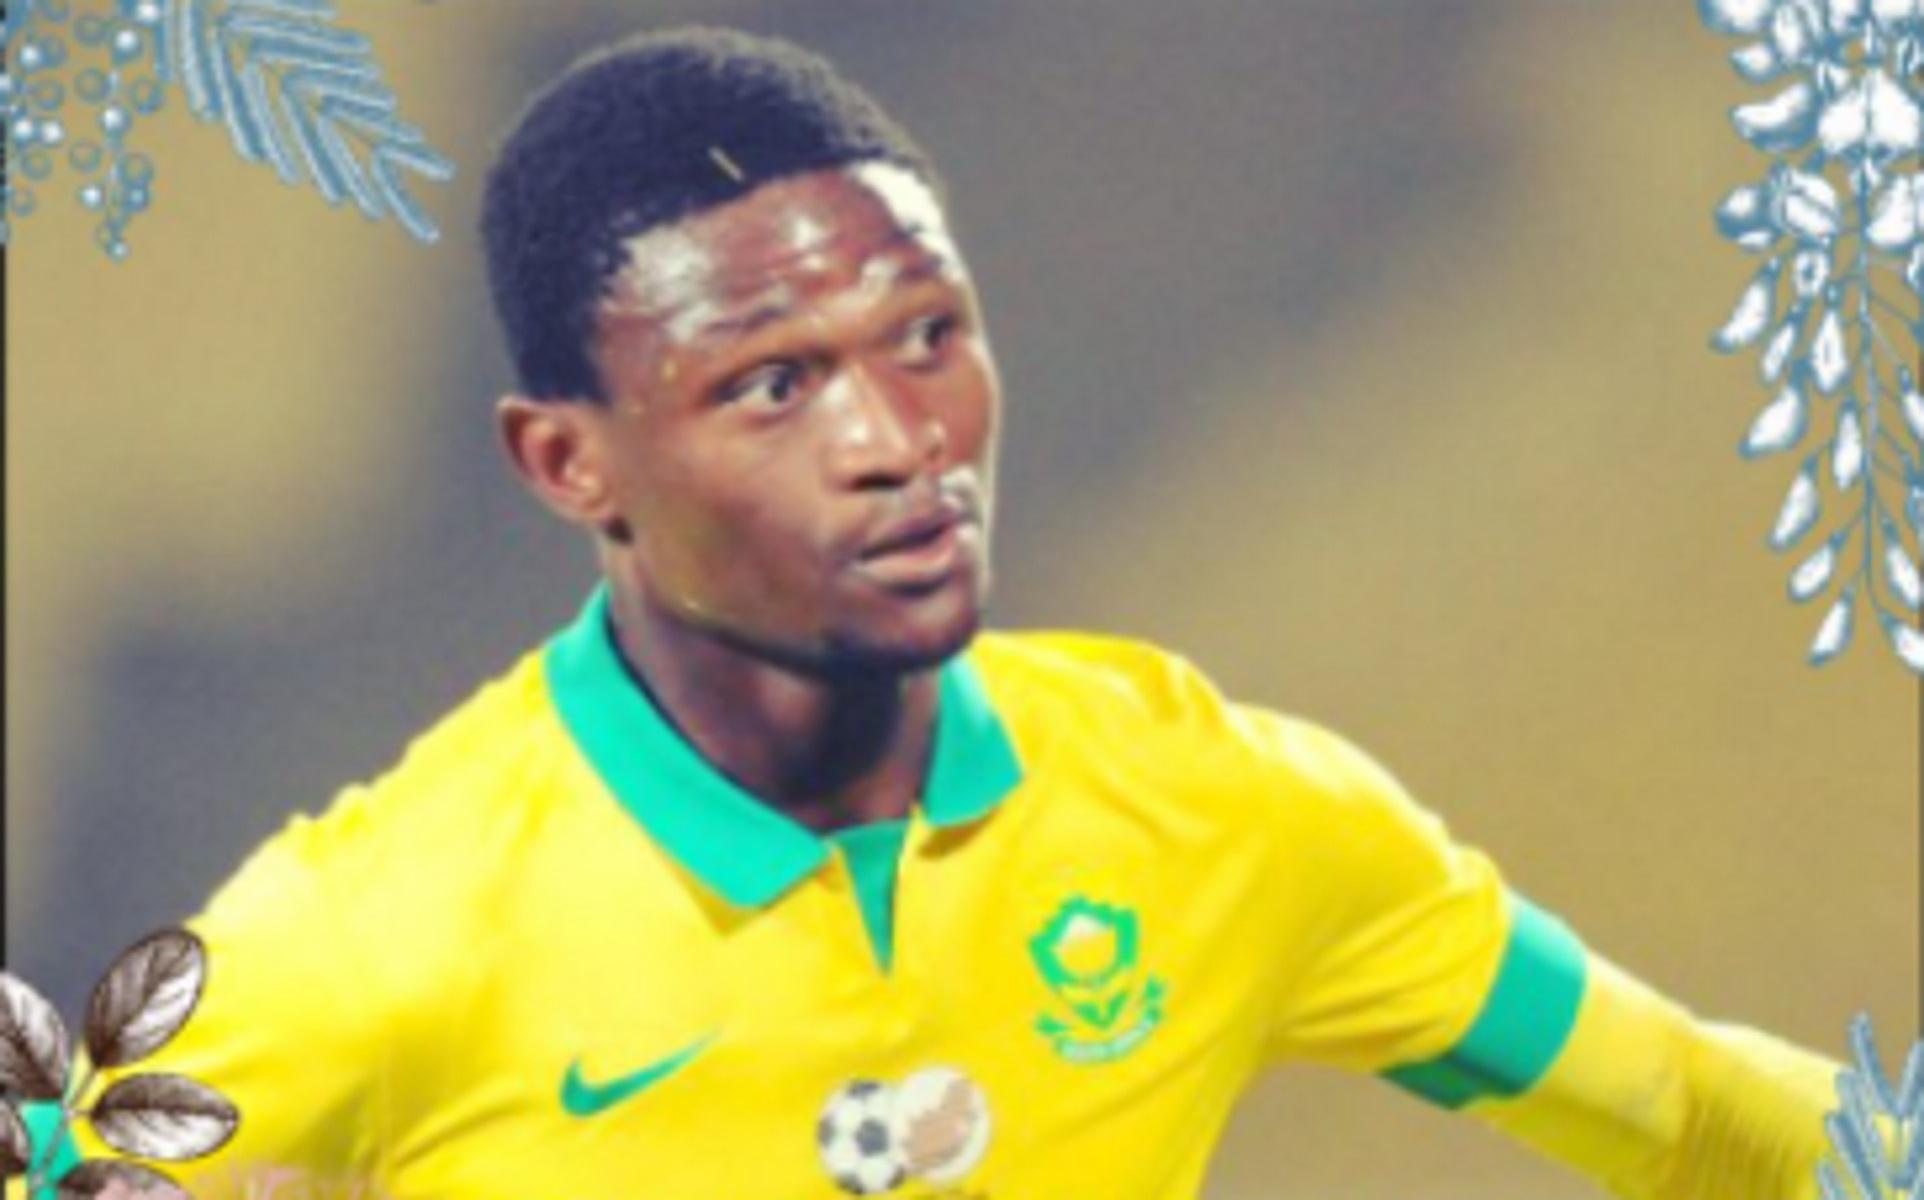 Σκοτώθηκε σε τροχαίο δυστύχημα διεθνής παίκτης της Νότιας Αφρικής